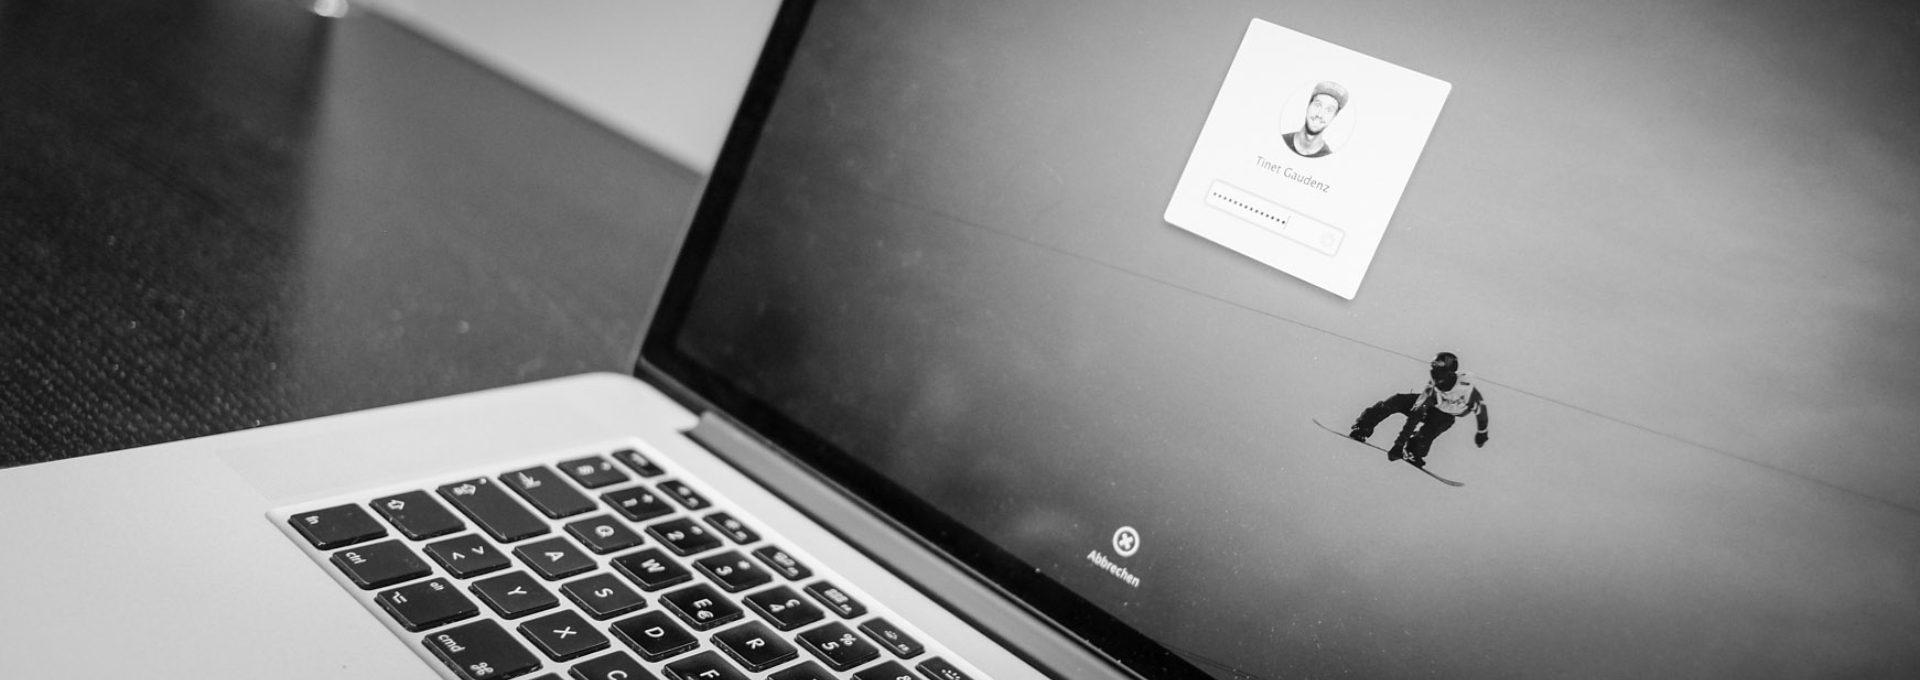 Das Bild zeigt wo das Passwort beim Mac eingegeben wird.